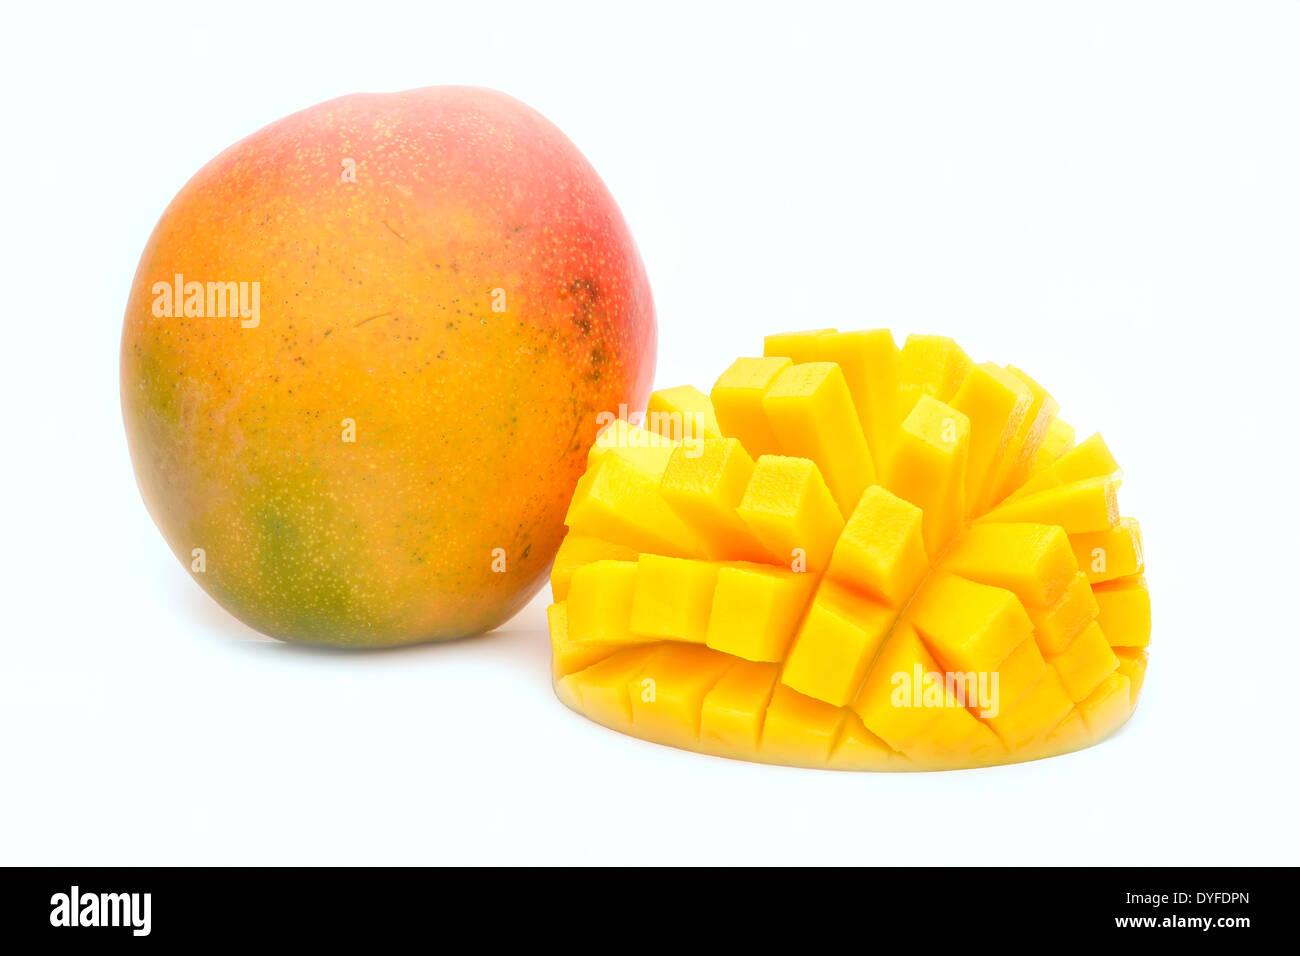 mango fruit isolated on white background - Stock Image